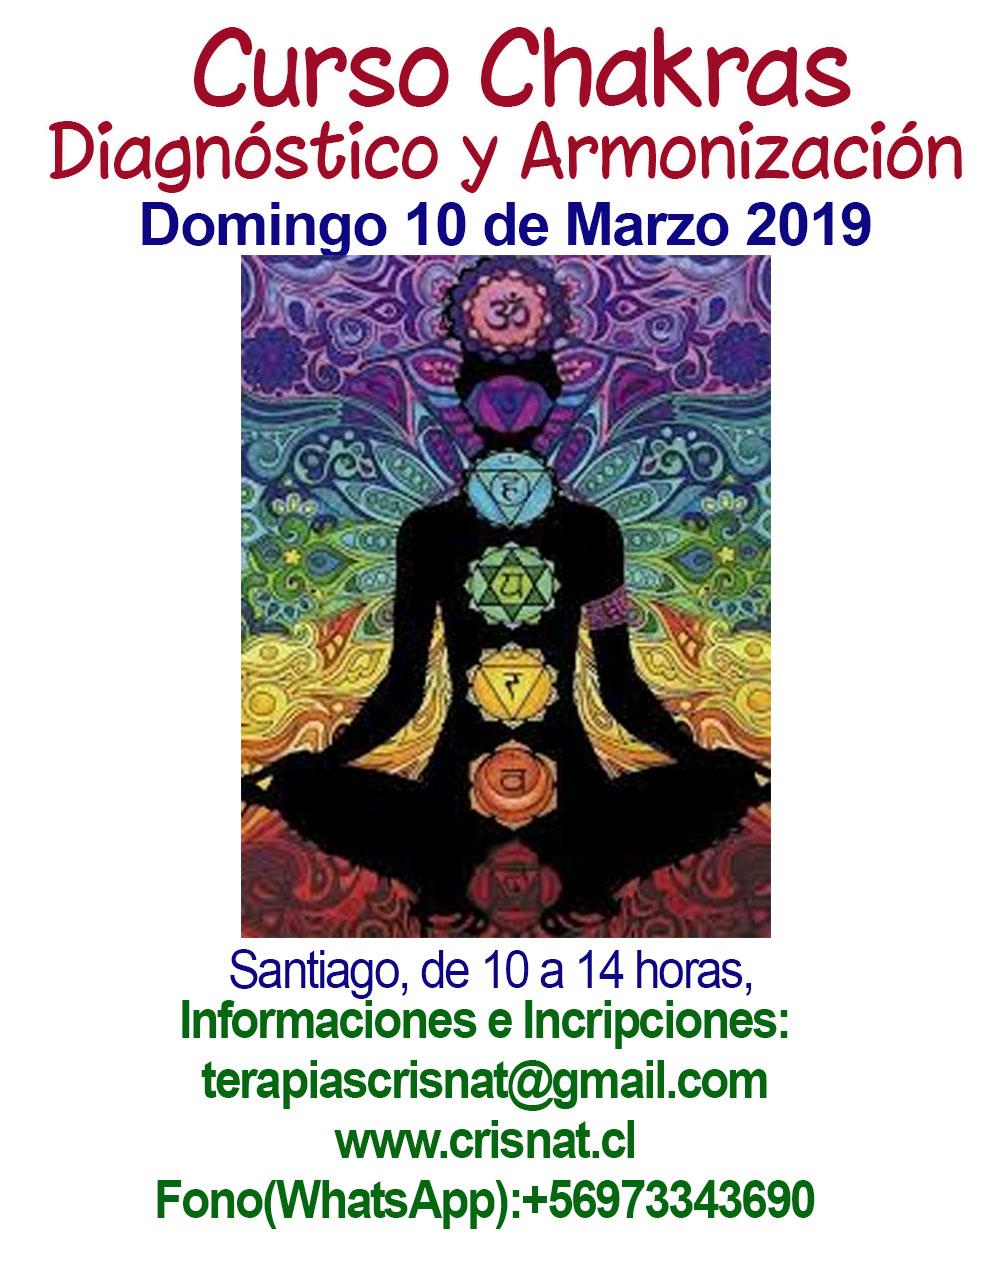 Curso Chakras, Diagnóstico y Armonización